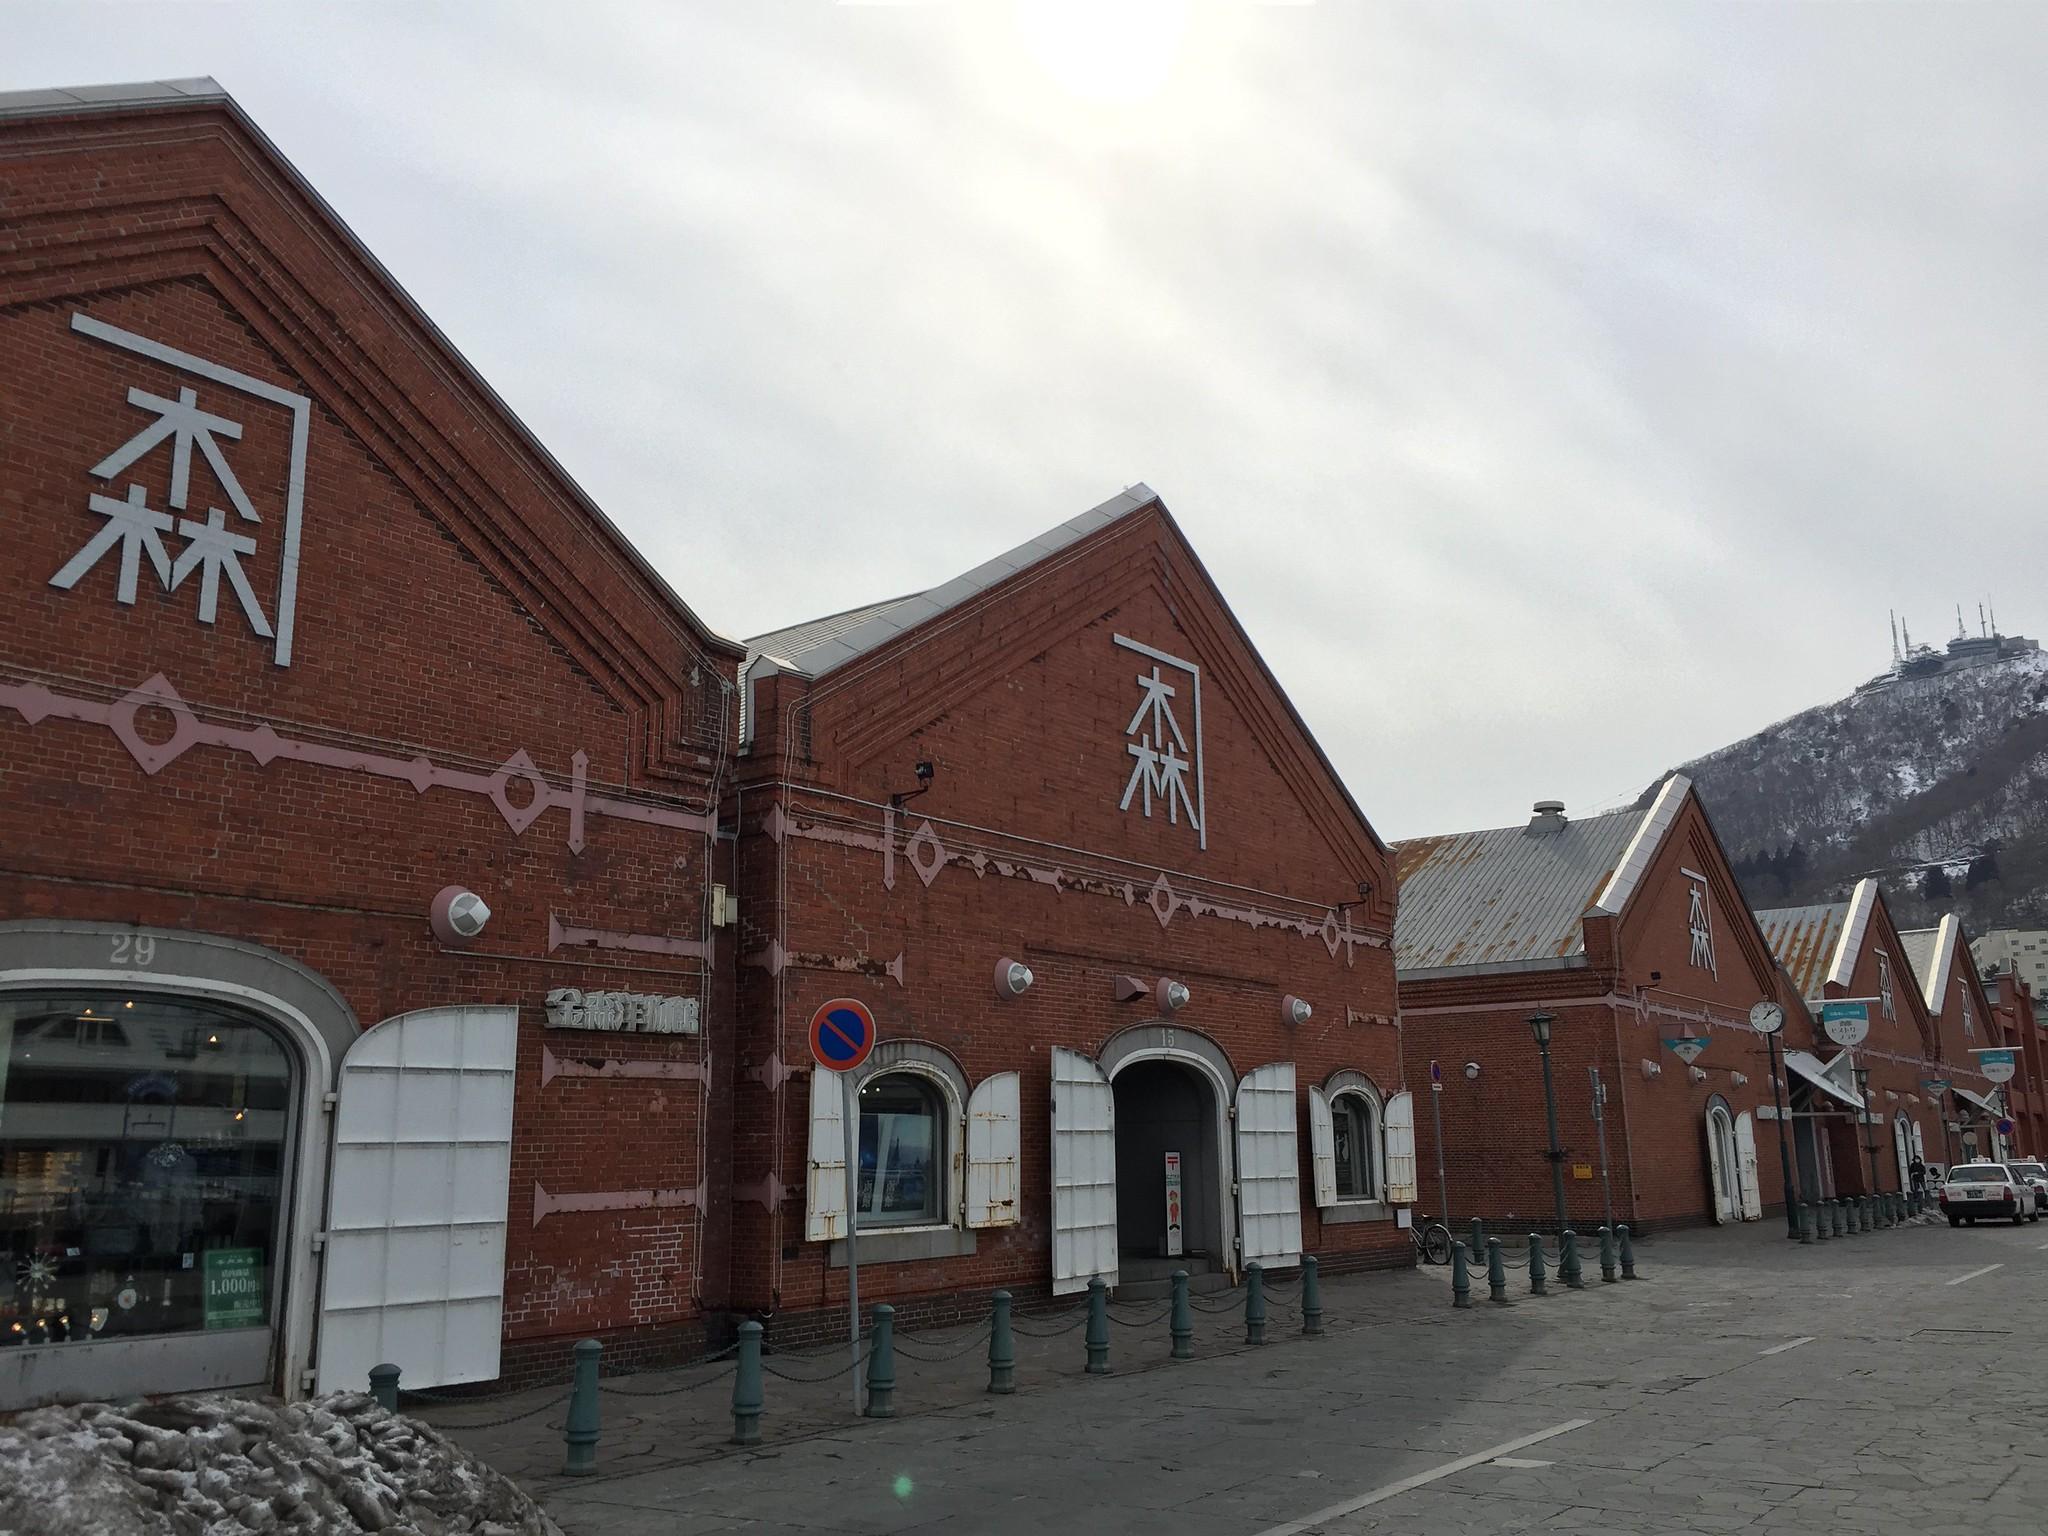 things to do in hakodate - Kanemori Redbrick Warehouse